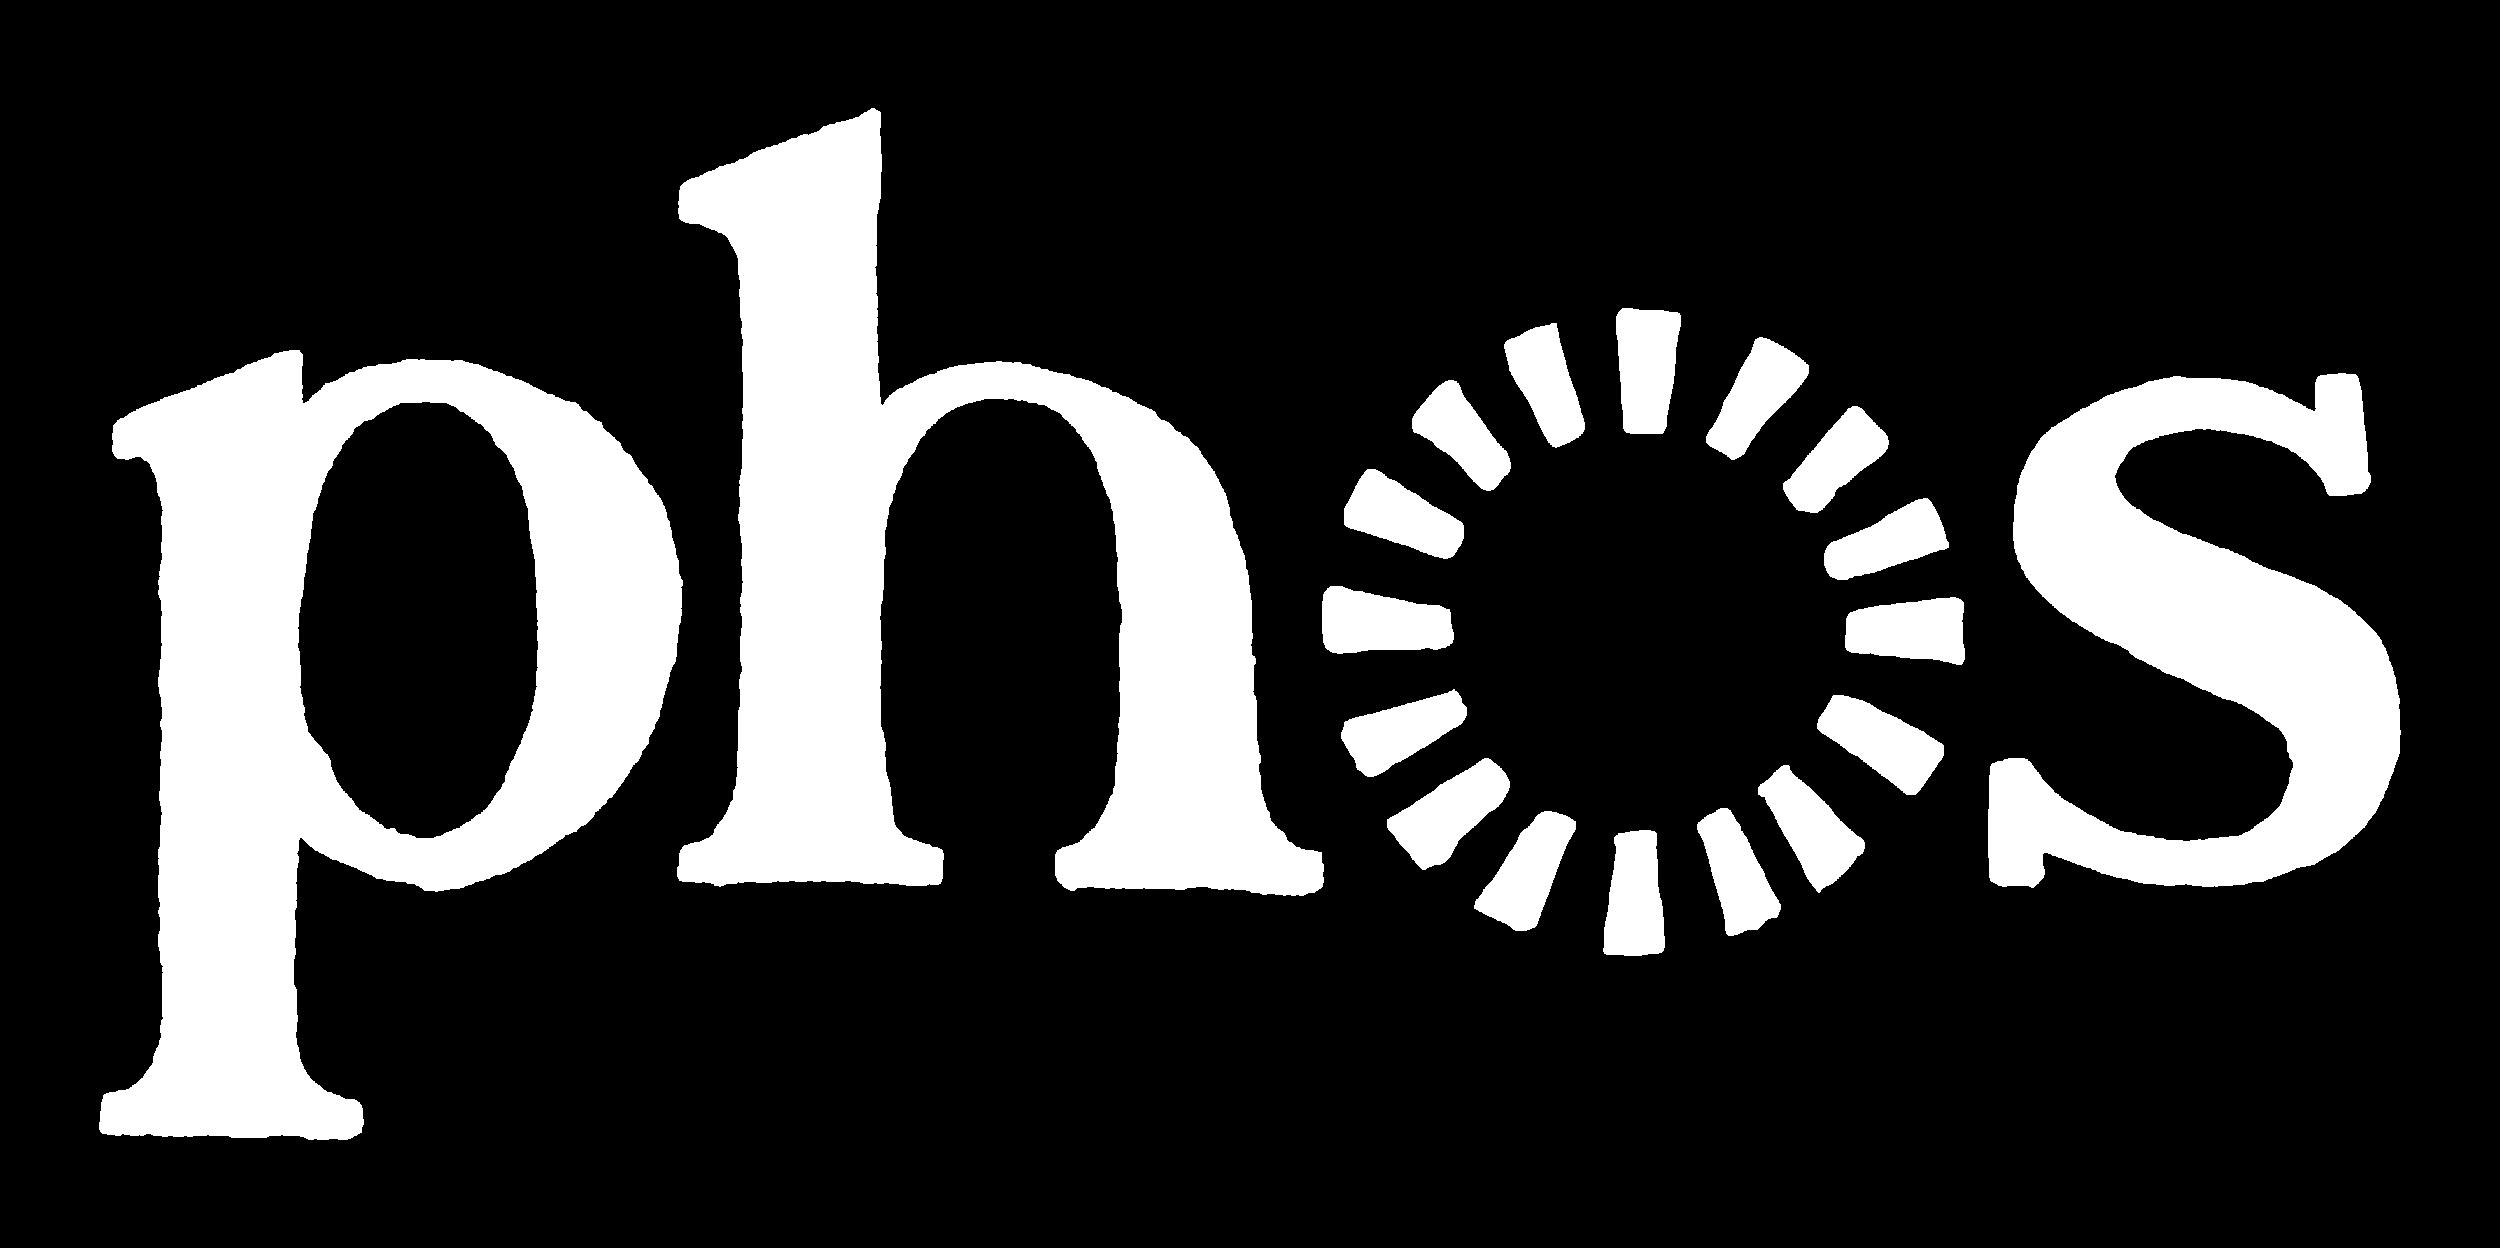 _phos logo-01.png